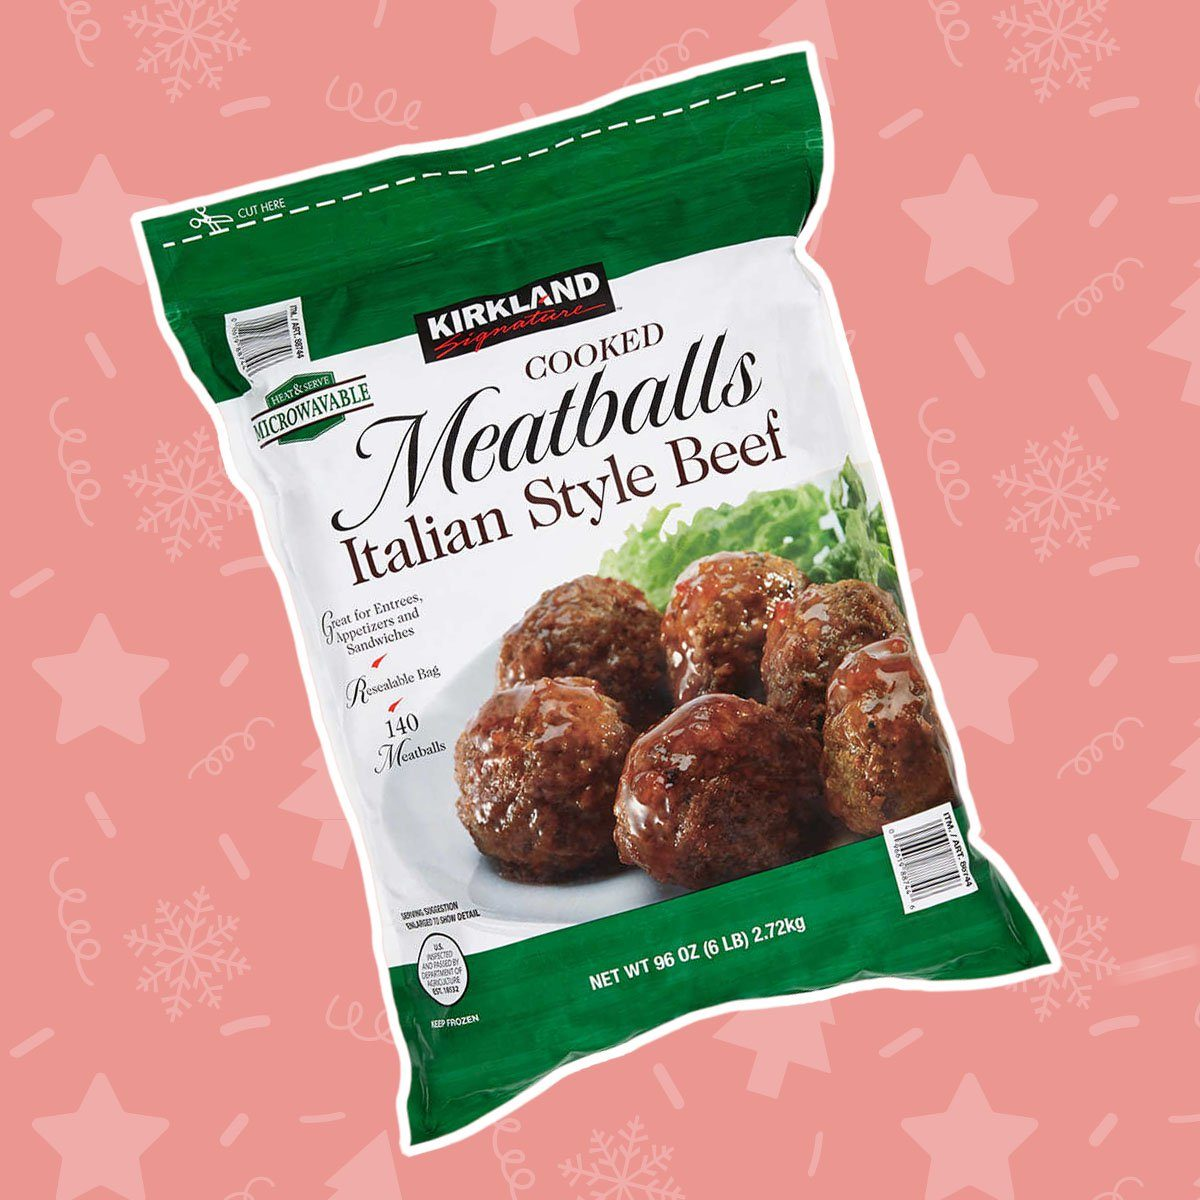 Kirkland Signature Meatballs